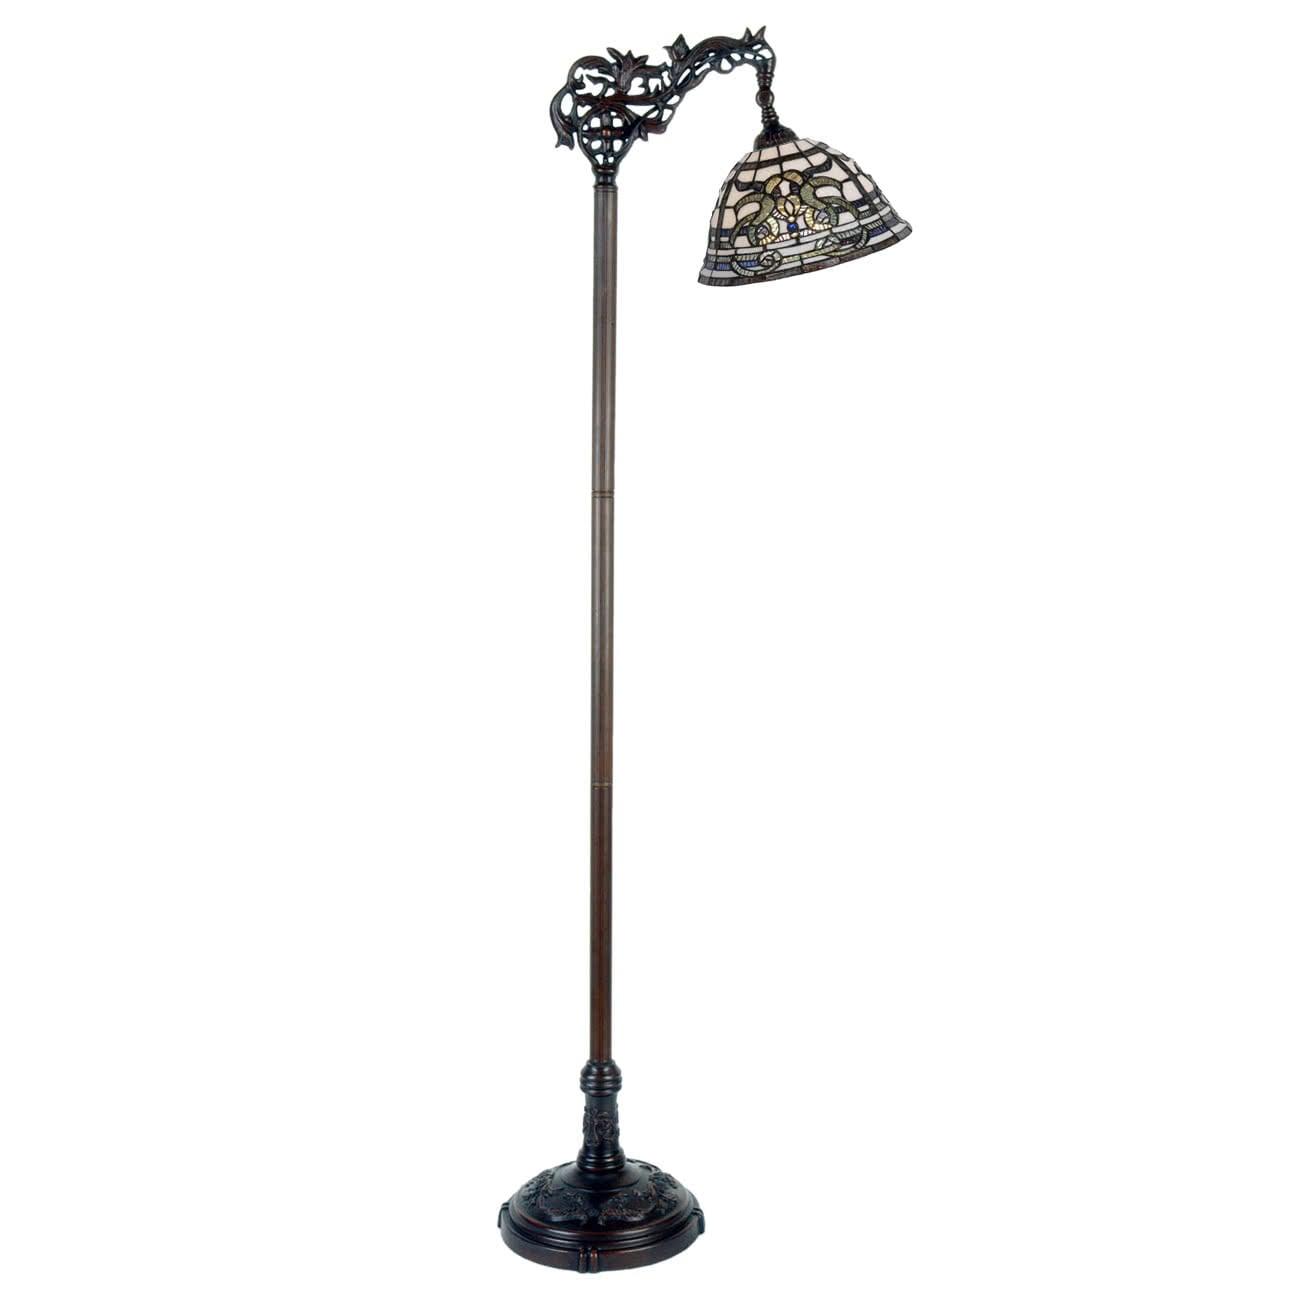 Vloerleeslamp